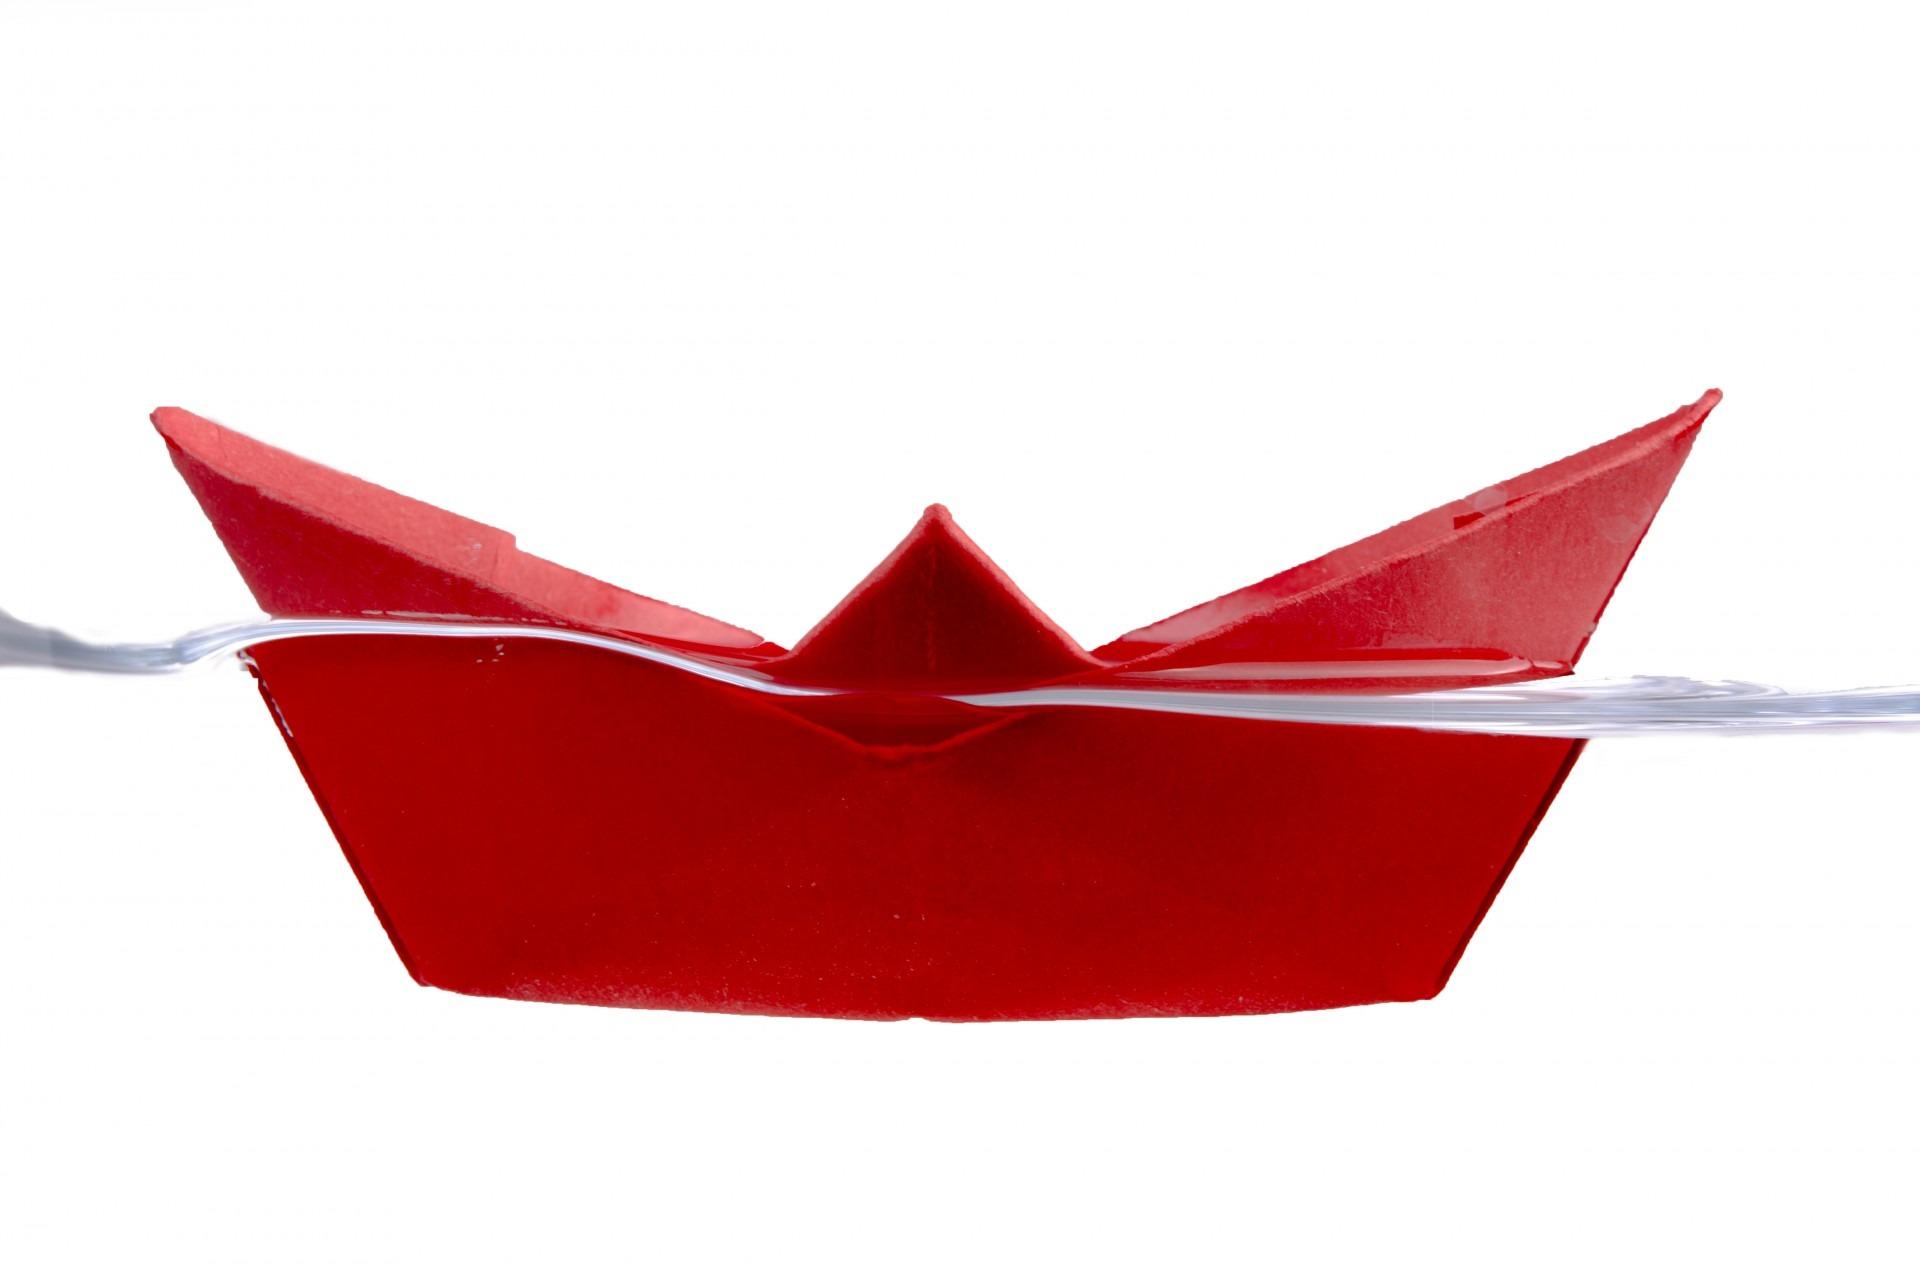 Images Gratuites Eau Roue Petale Navire Voyage Rouge Bleu Artisanat Jouet Enfance La Natation Art Concept Fait Main Idee Simple Un Moyen Fantaisie Bateau De Papier Papier Origami 1920x1271